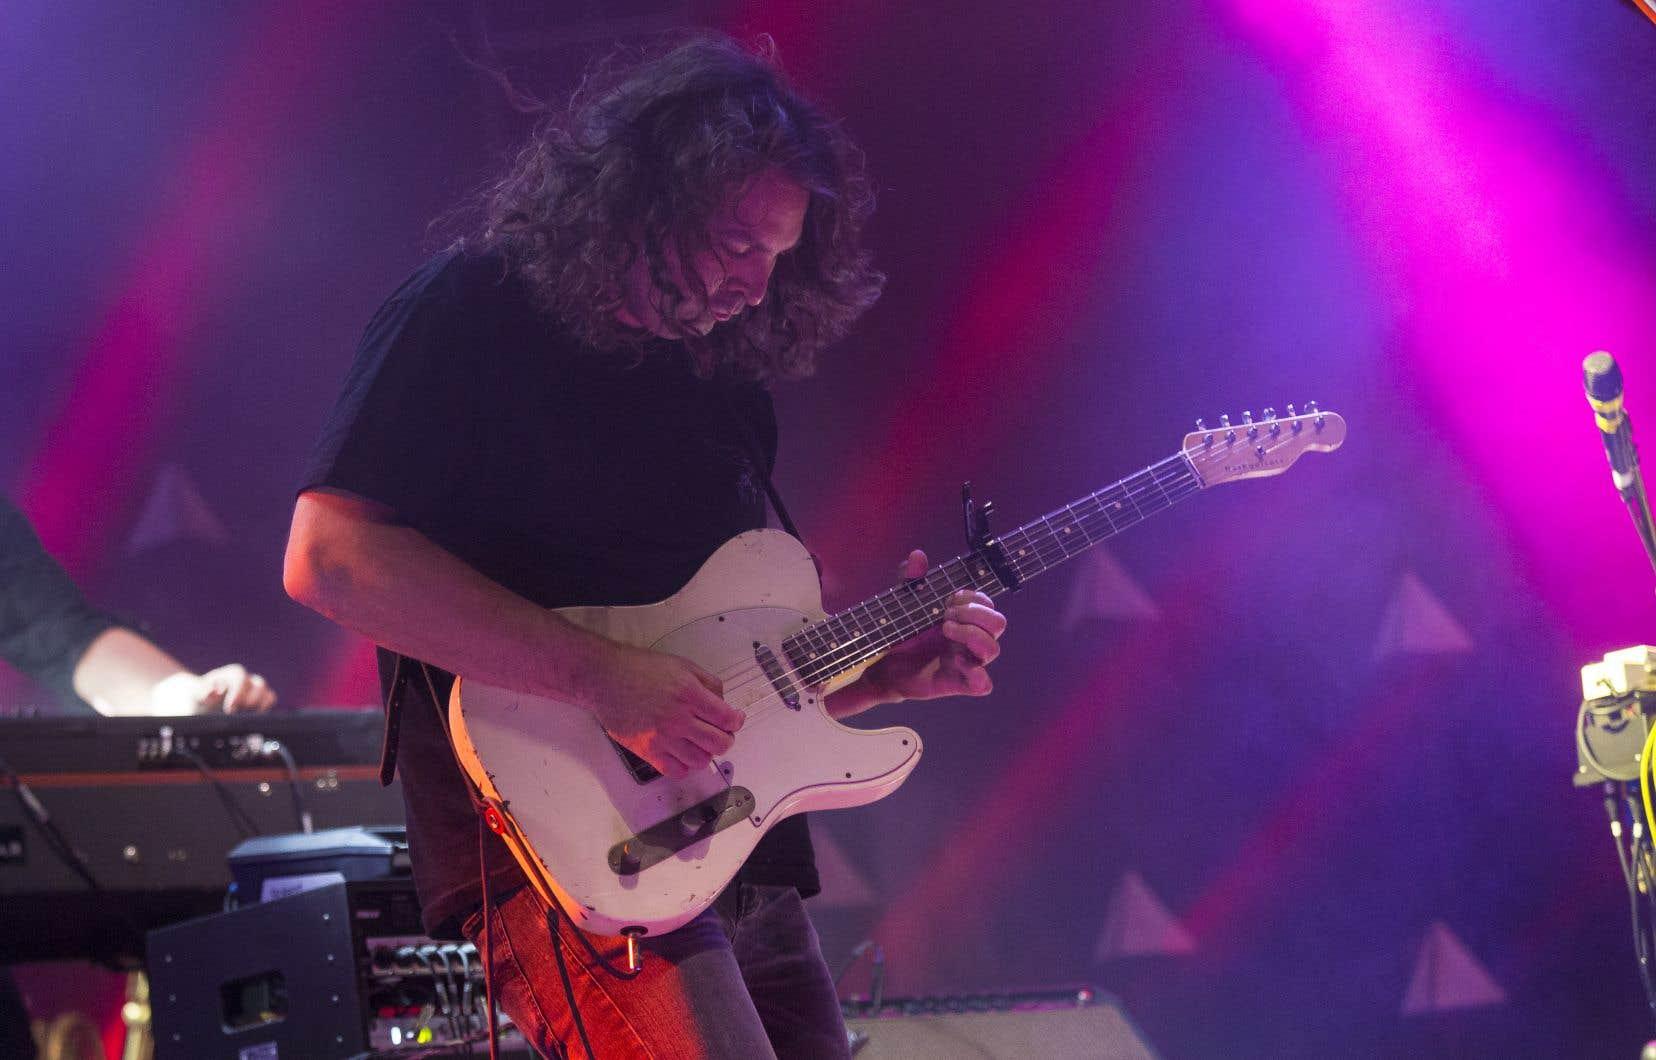 Avec le groupe The War of Drugs, les spectateurs ont eu droit à de la chanson rock de tradition américaine dans toute sa grandeur. Sur la photo,le chanteur et guitariste Adam Granduciel